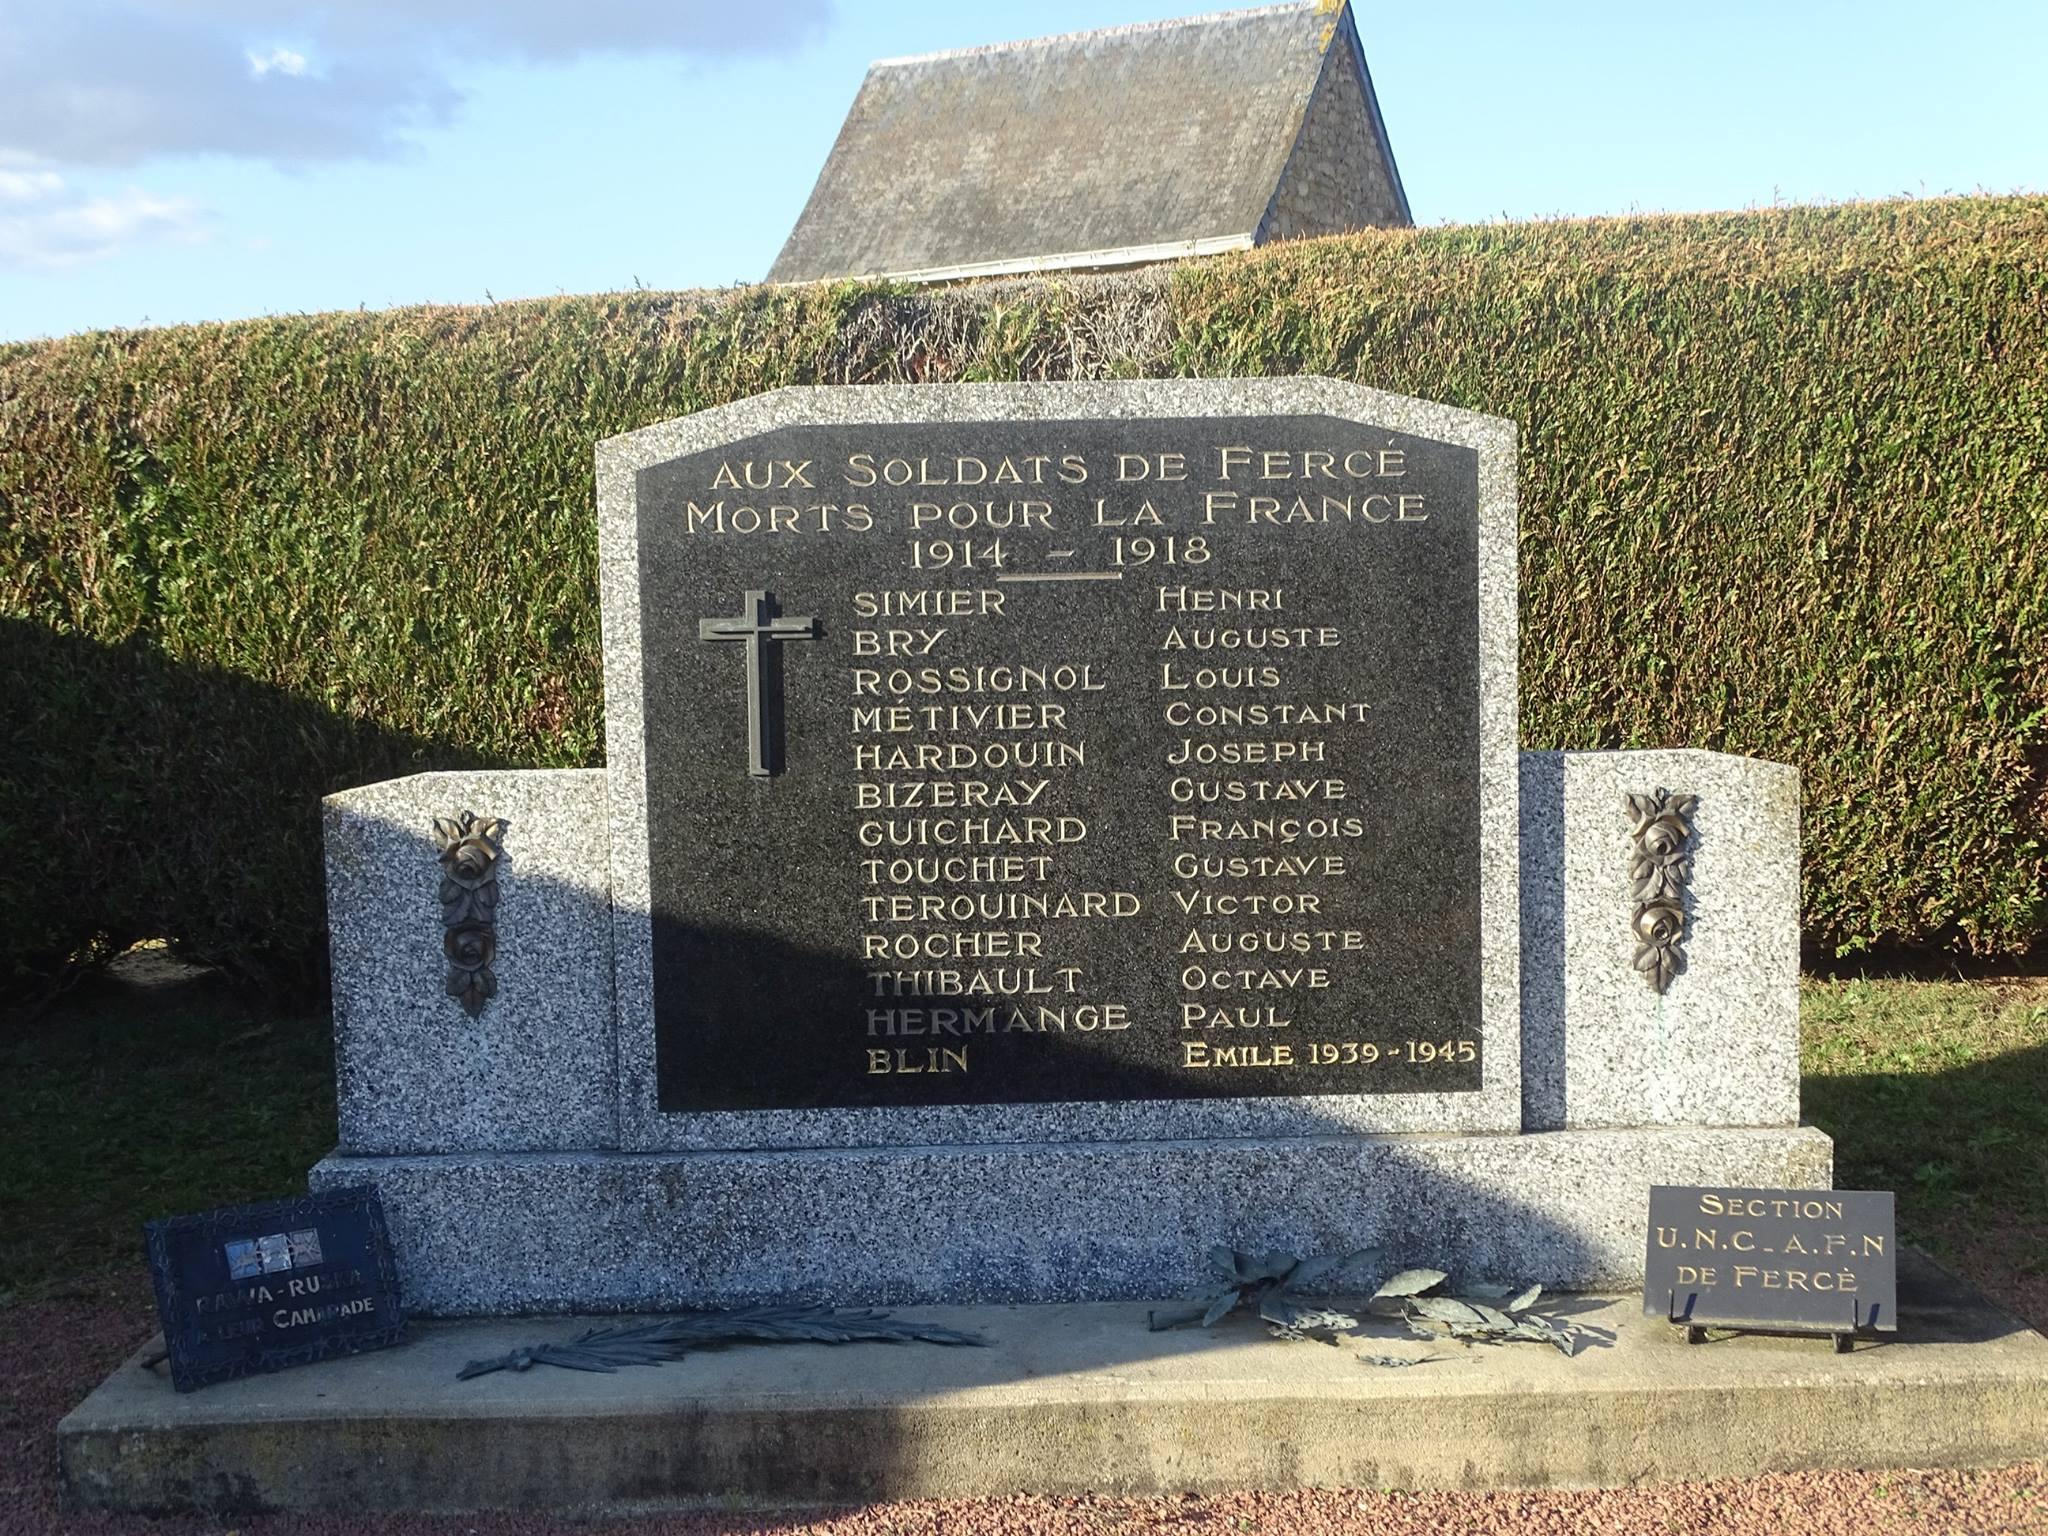 Fercé sur Sarthe - Monument commémoratif - Aux soldats de Fercé morts pour la France 1914-1918 (Marie-Yvonne Mersanne)